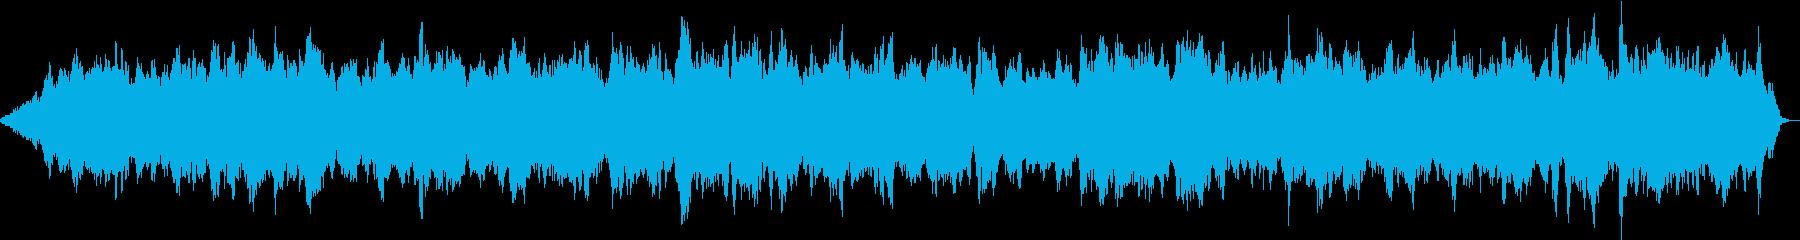 自然音とマインドフルネス 無になれるの再生済みの波形